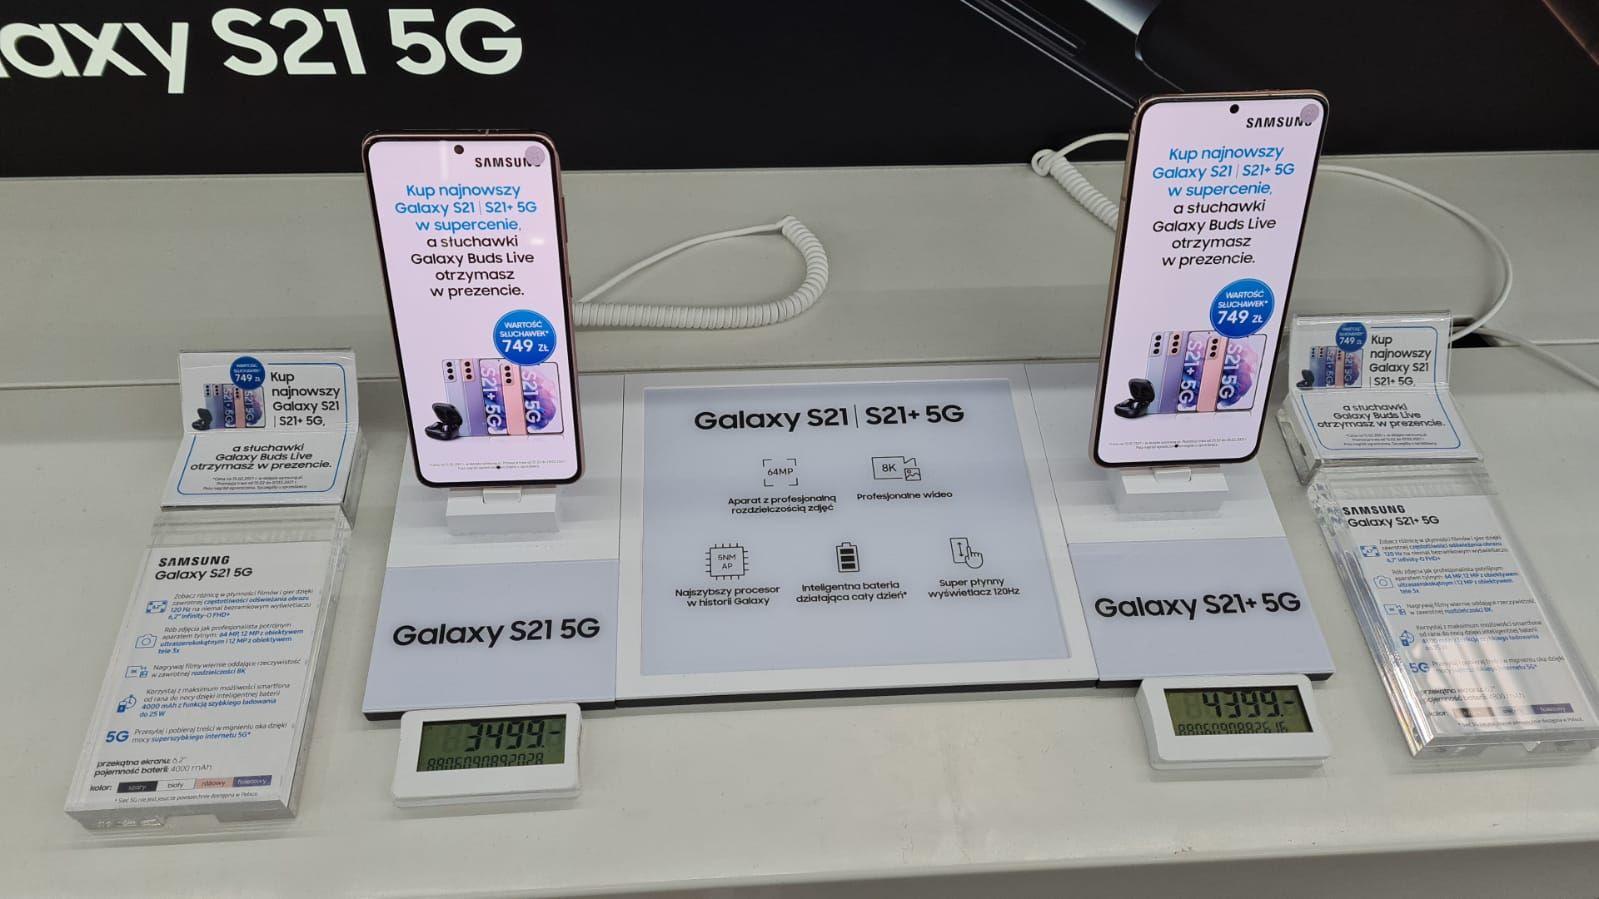 Samsung S21,s21+ 400zł taniej + 350zł bon + słuchawki buds live